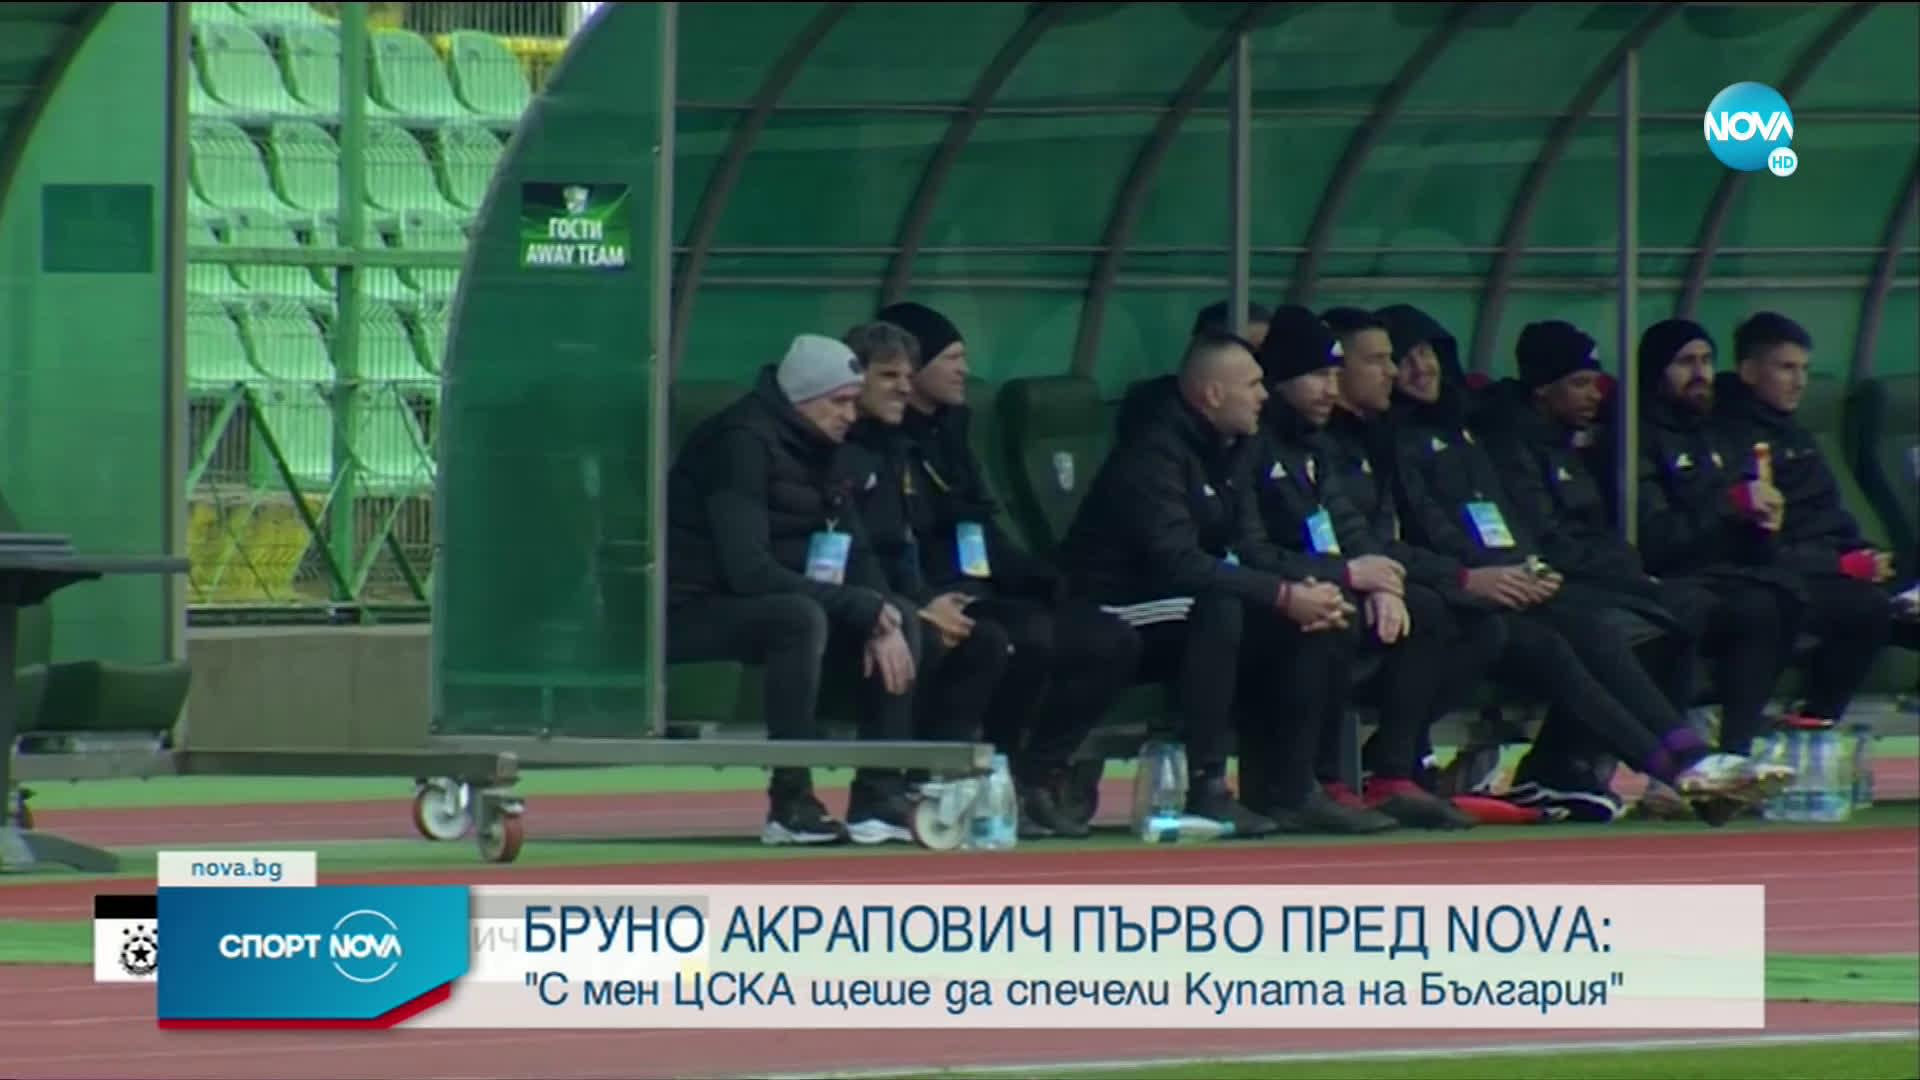 САМО ПРЕД NOVA: Бруно Акрапович след уволнението му от ЦСКА